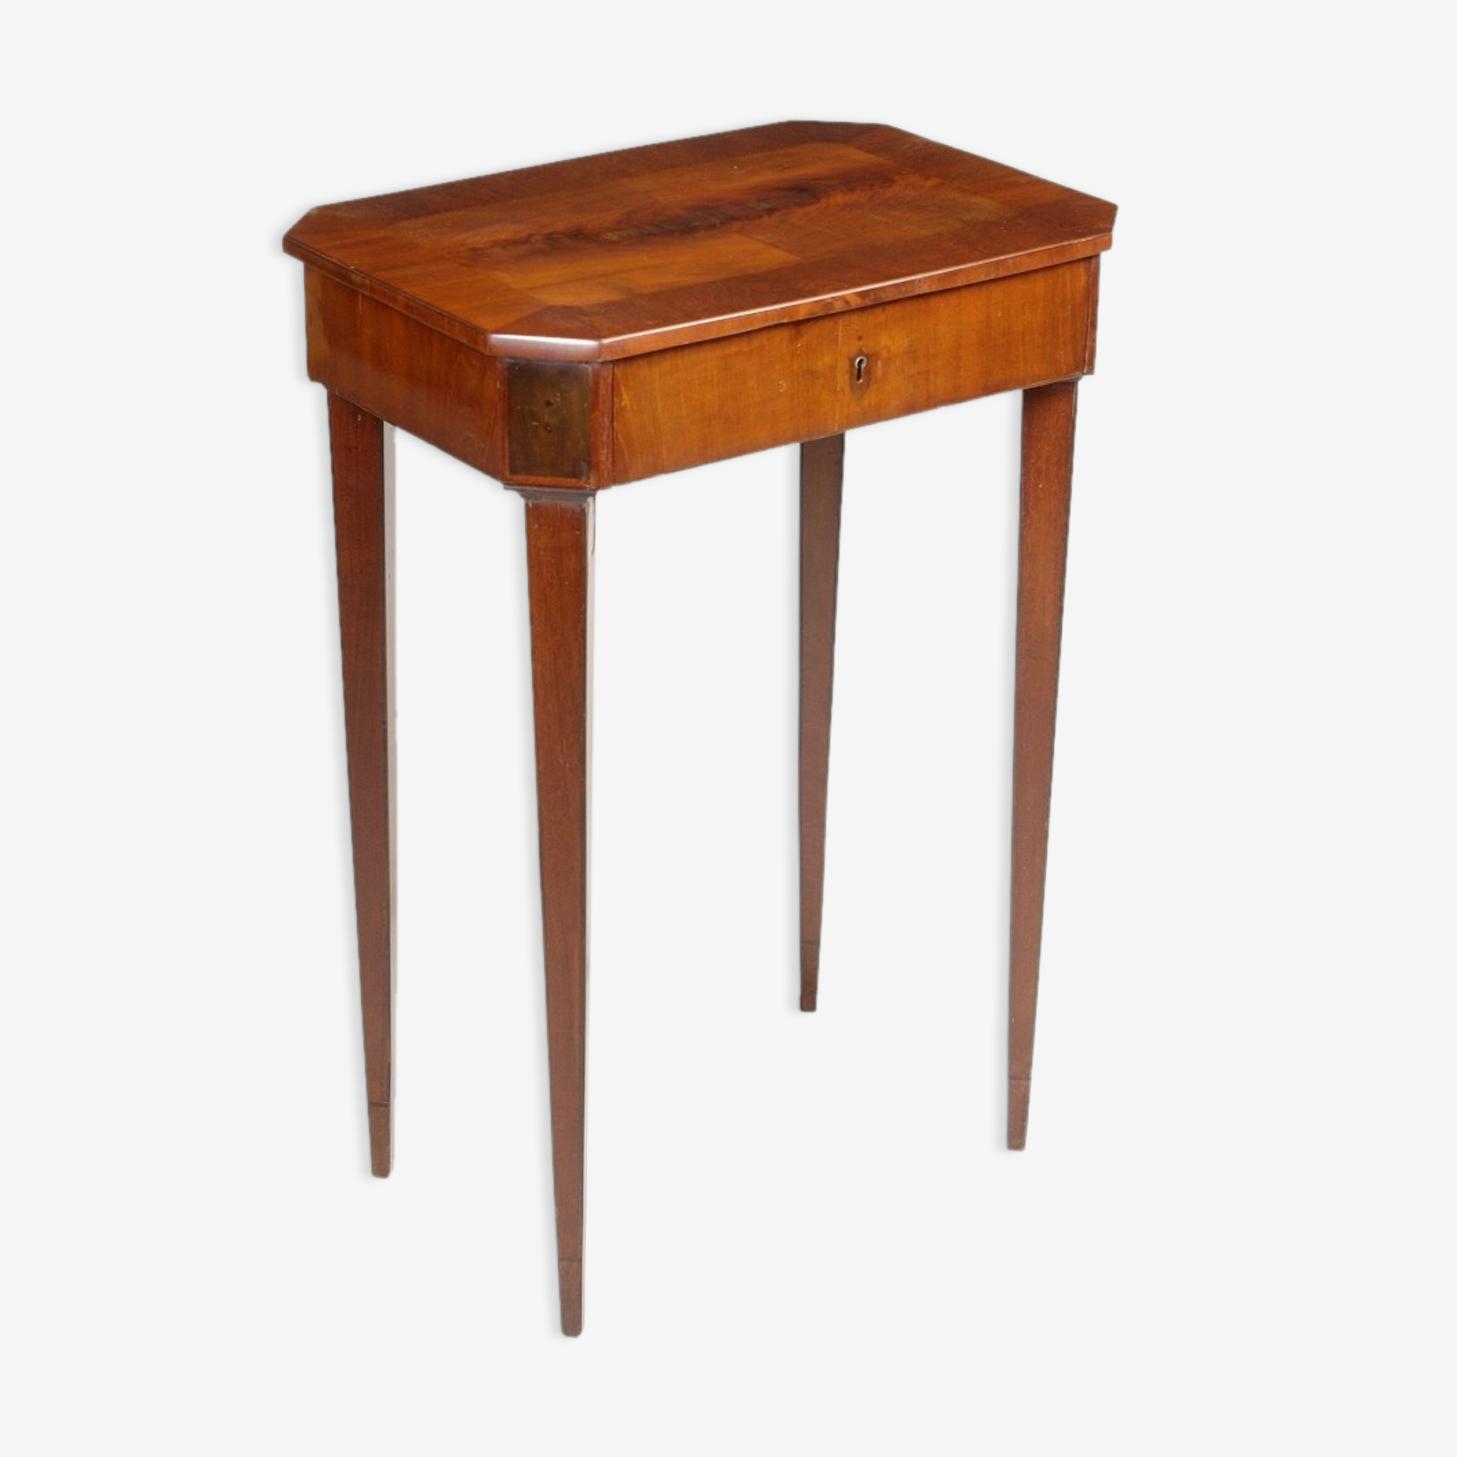 Table De Chevet Classique table de chevet classique - bois (matériau) - bois (couleur